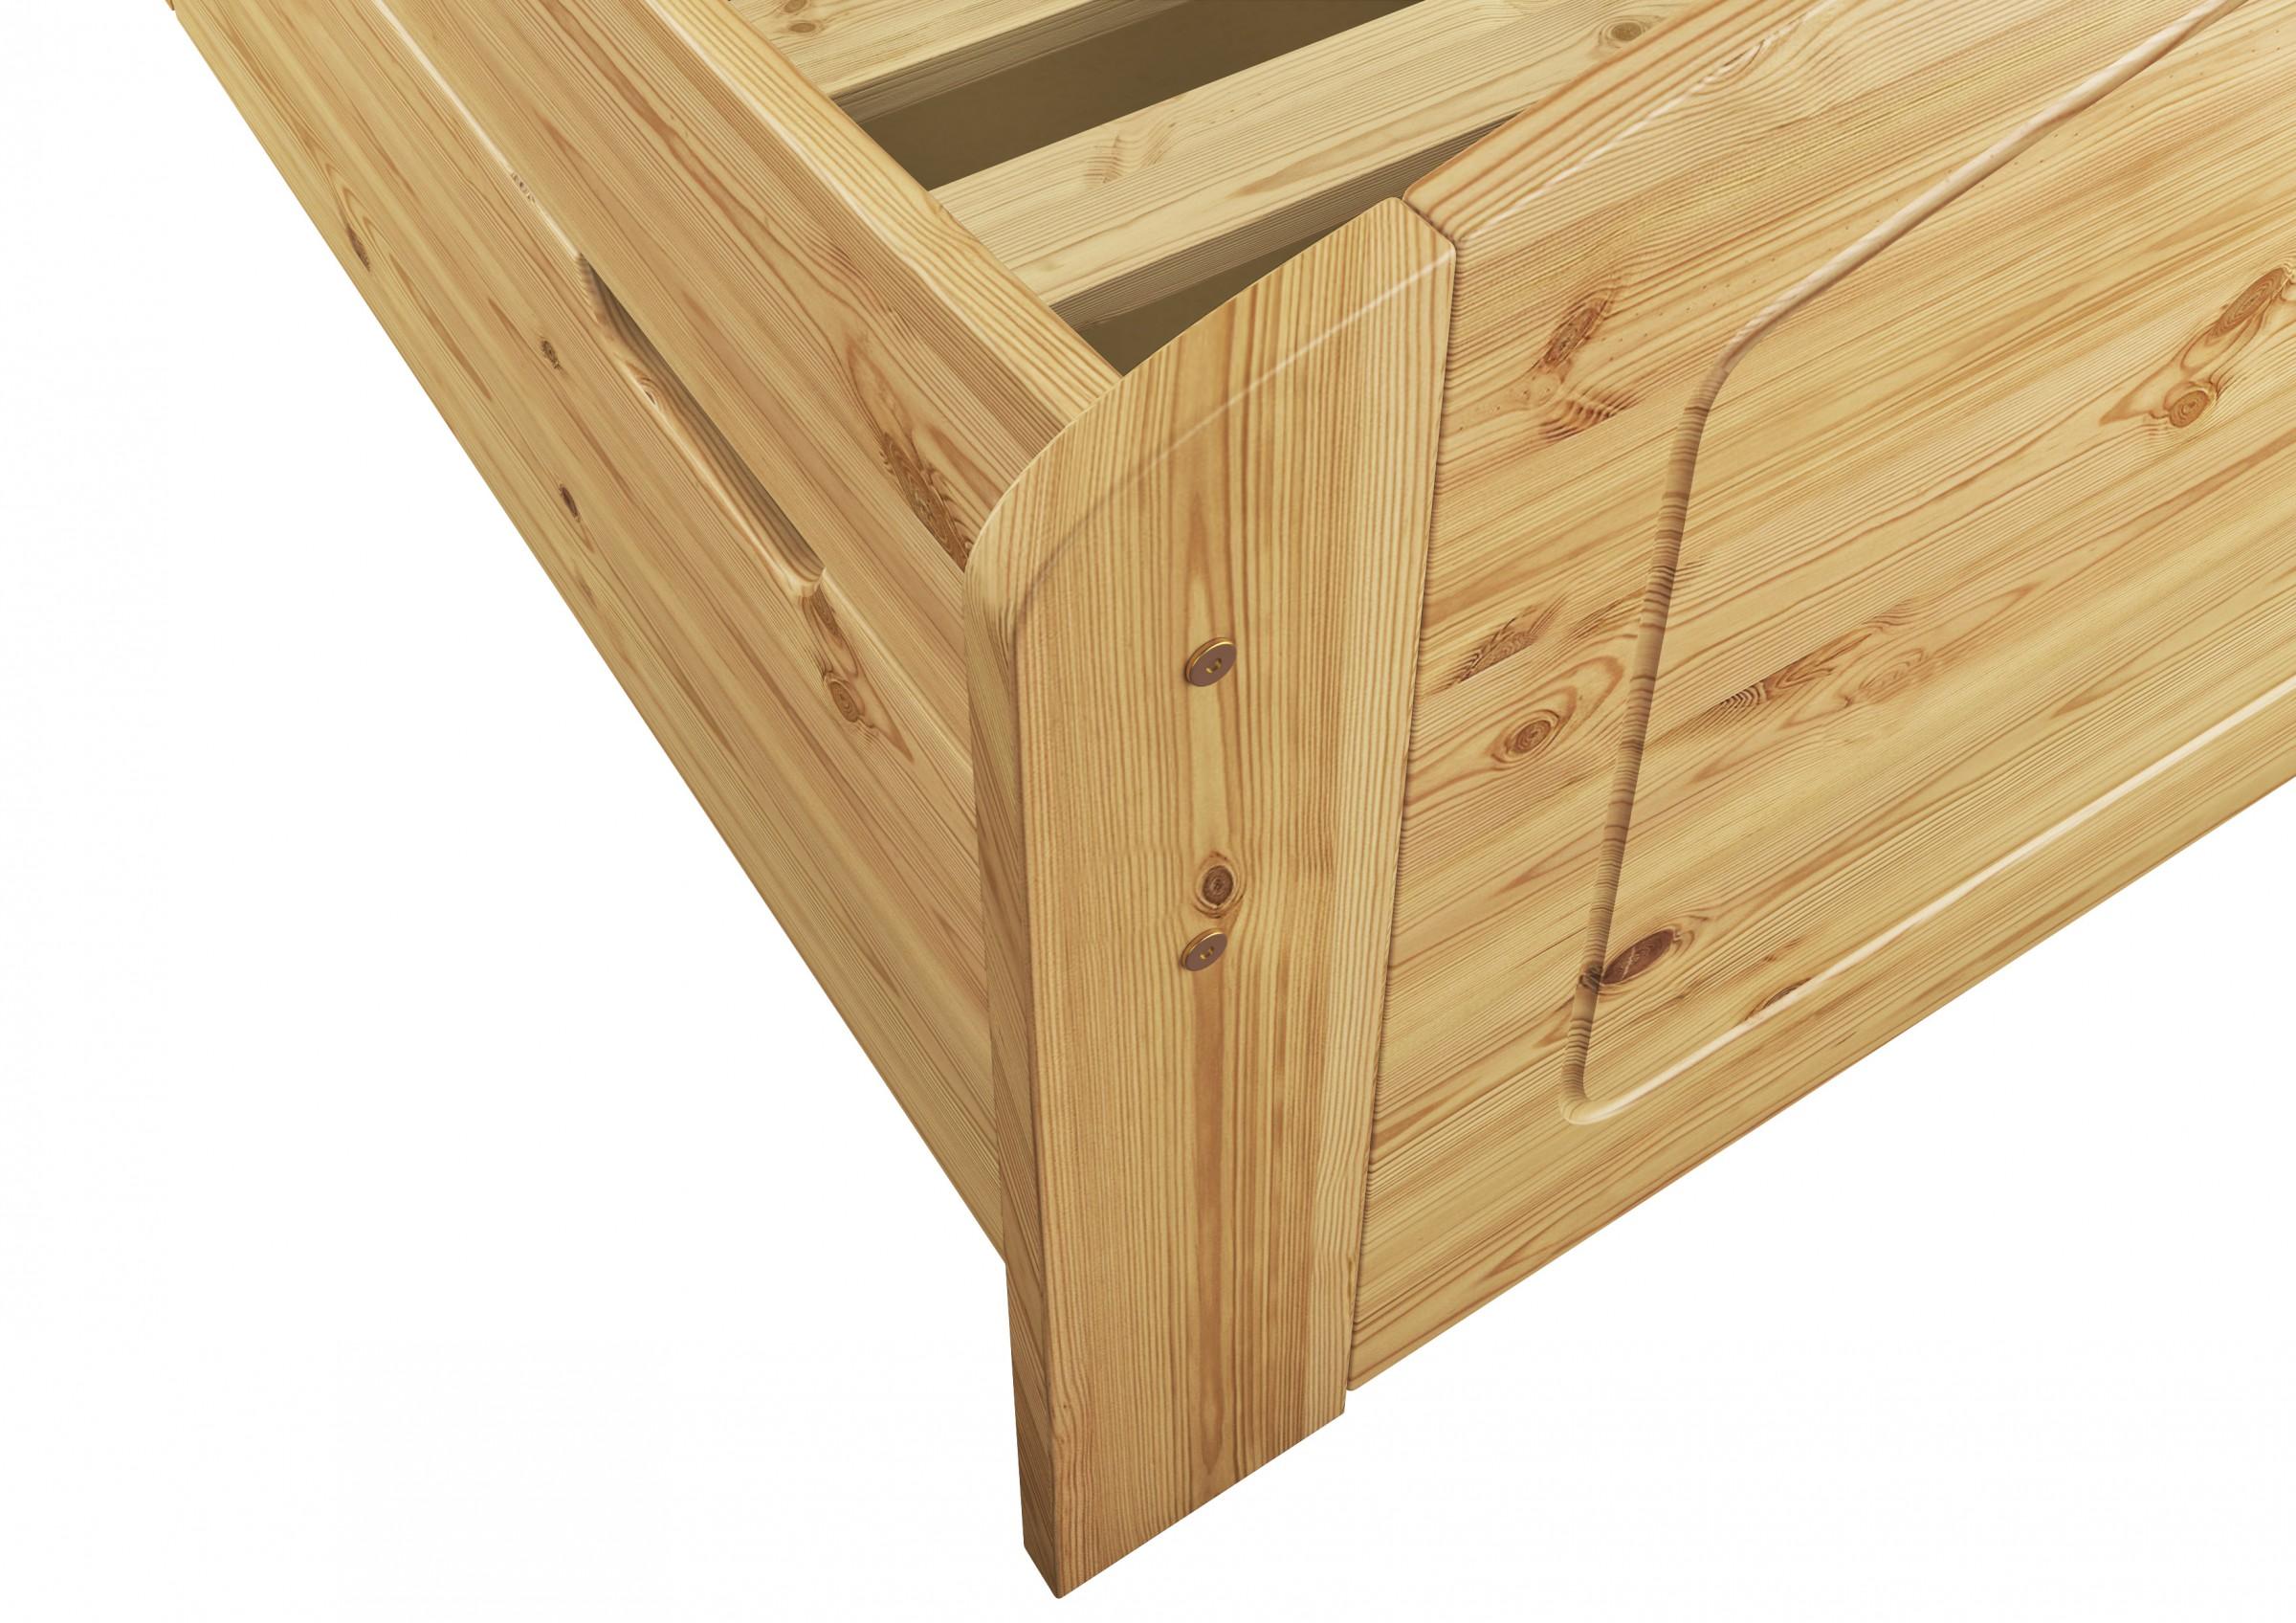 funktionsbett doppelbett 140x200 kiefer bett bettkasten. Black Bedroom Furniture Sets. Home Design Ideas